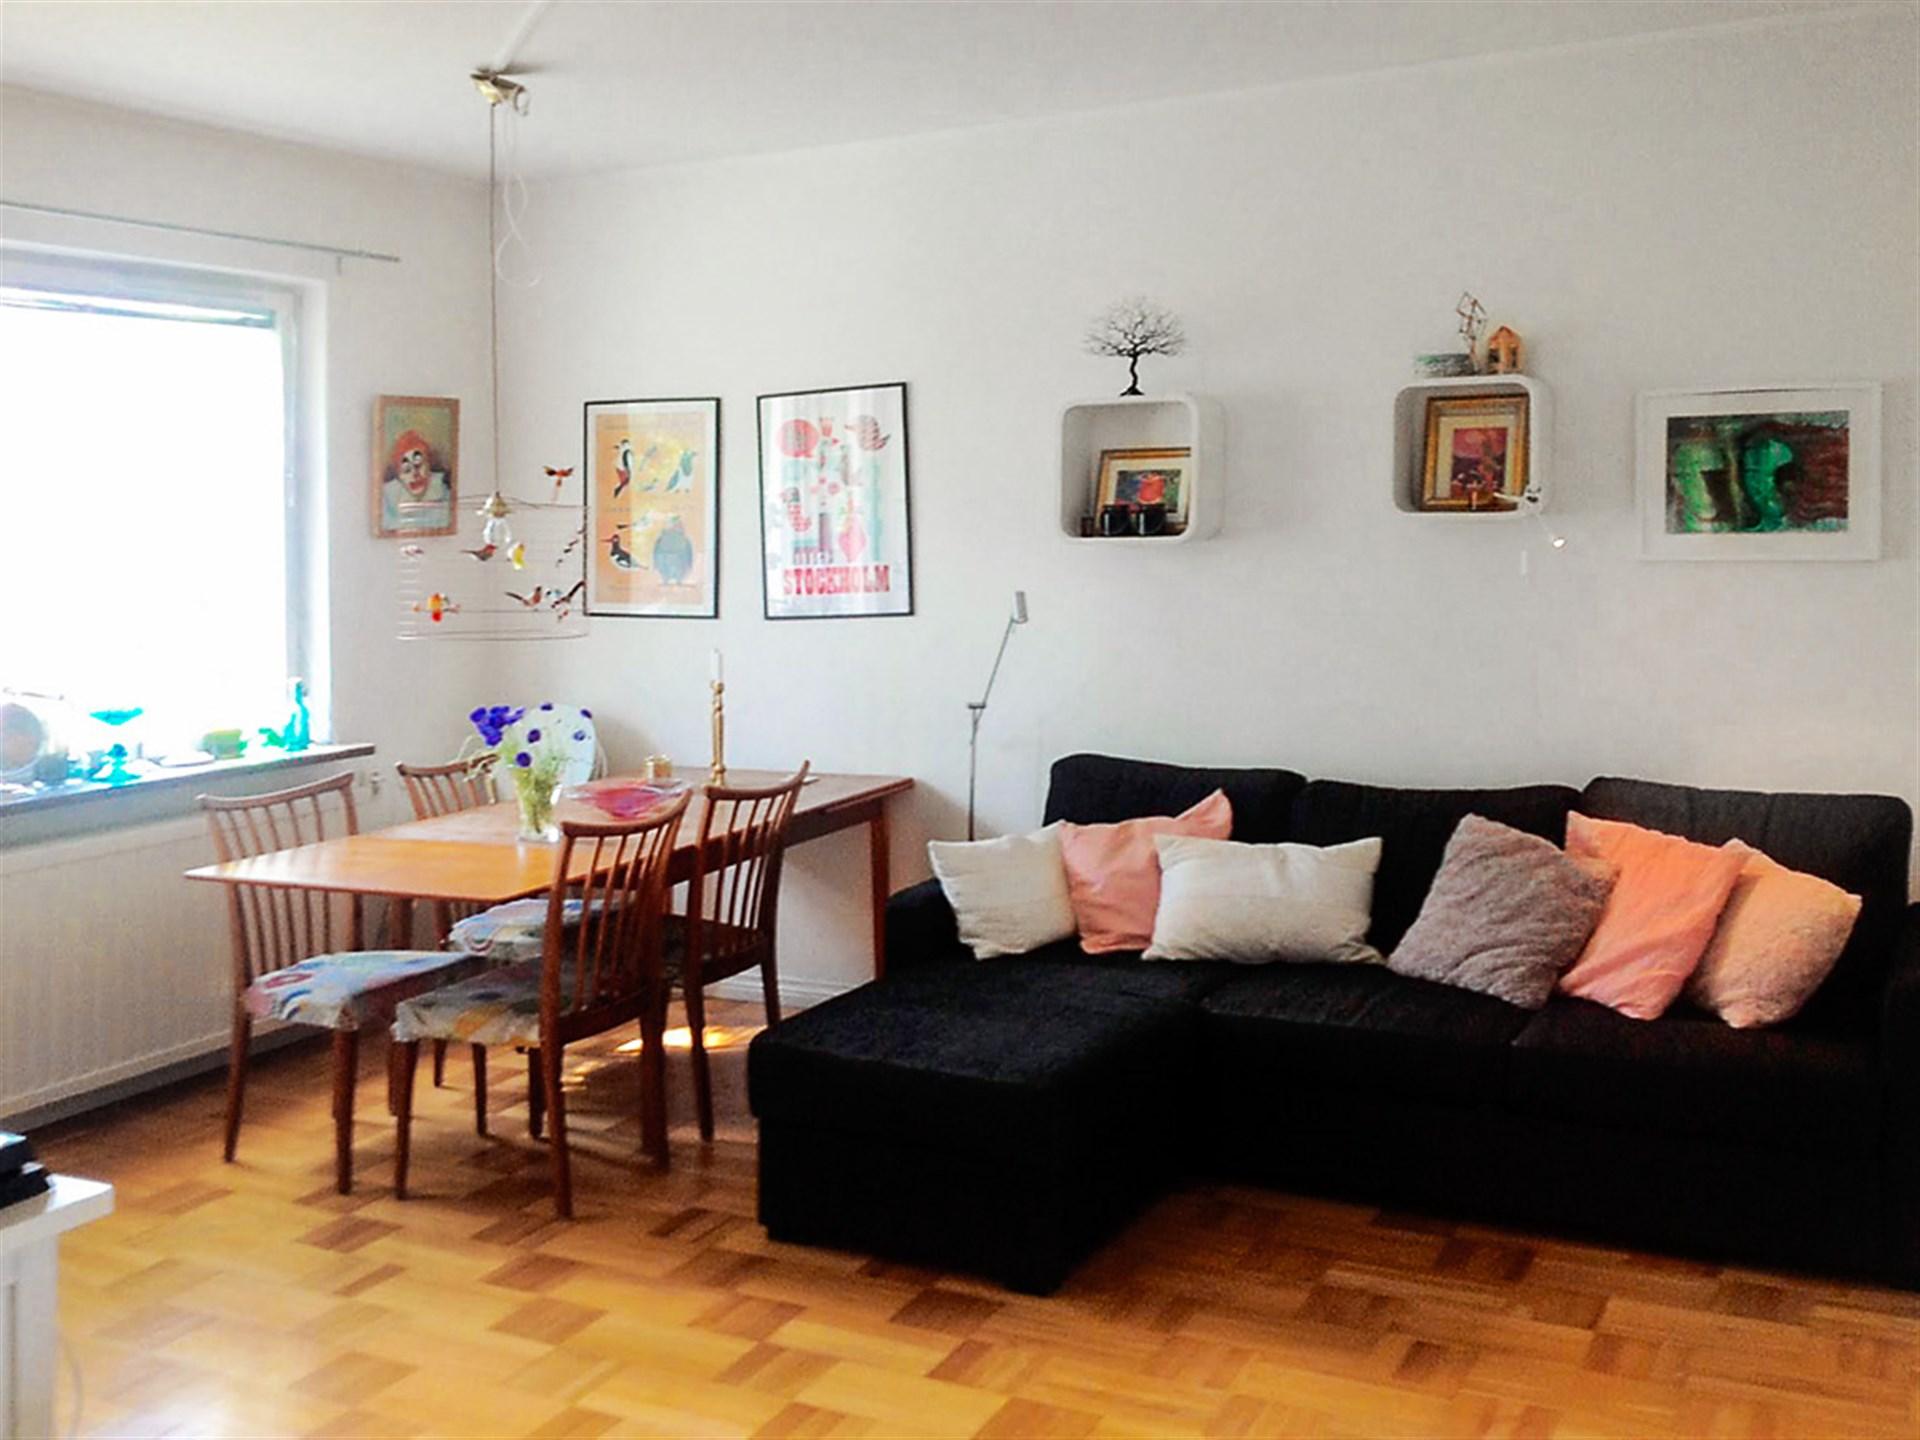 Säljaren bild av lägenheten